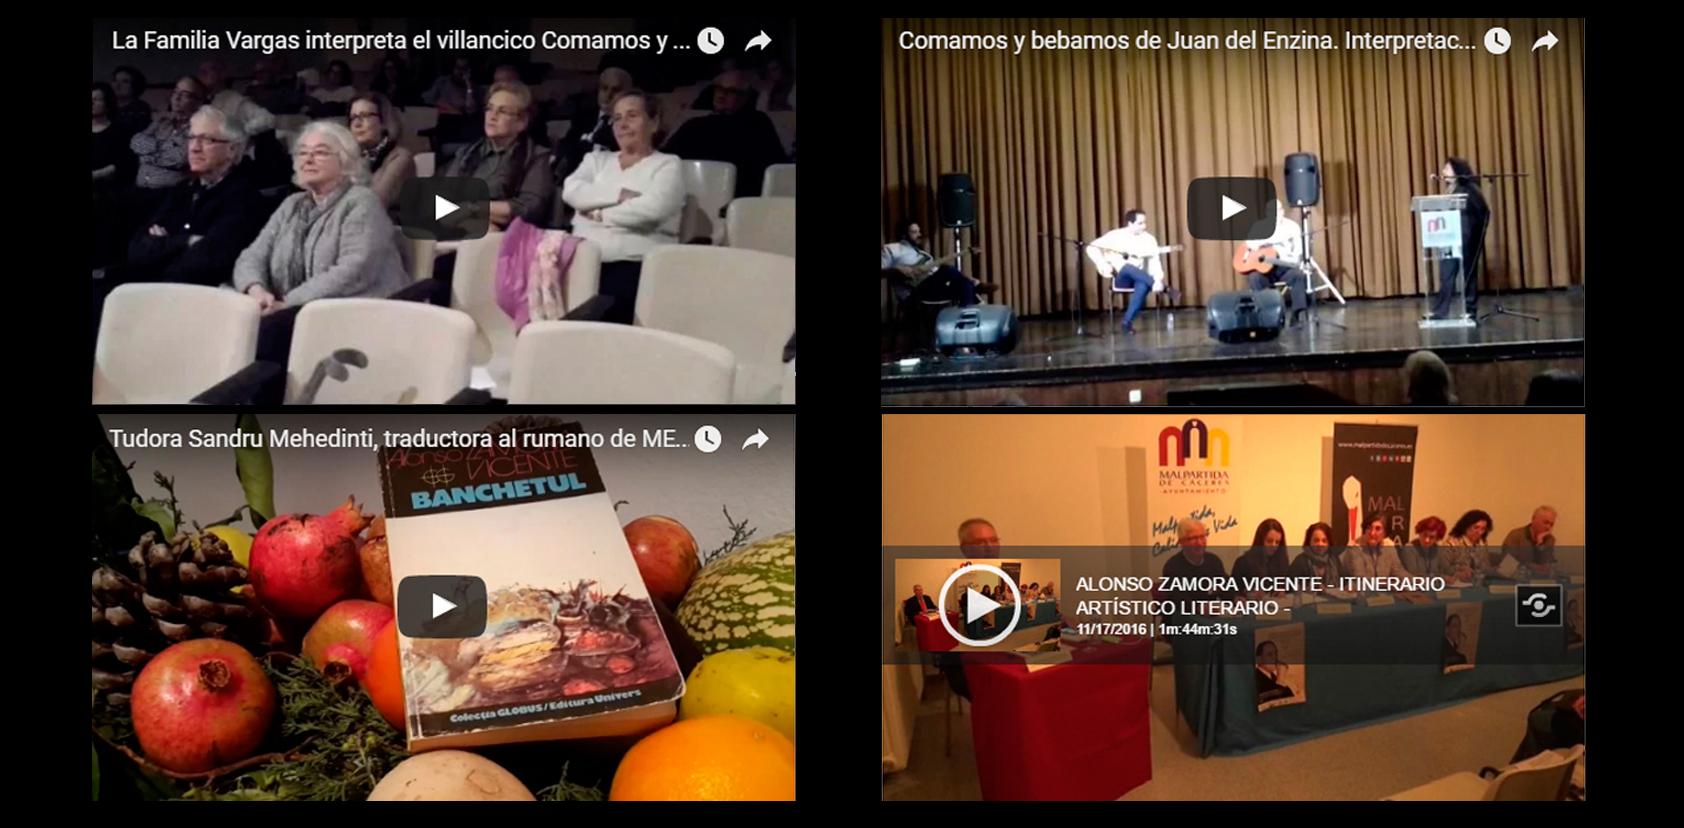 Videos dialectus